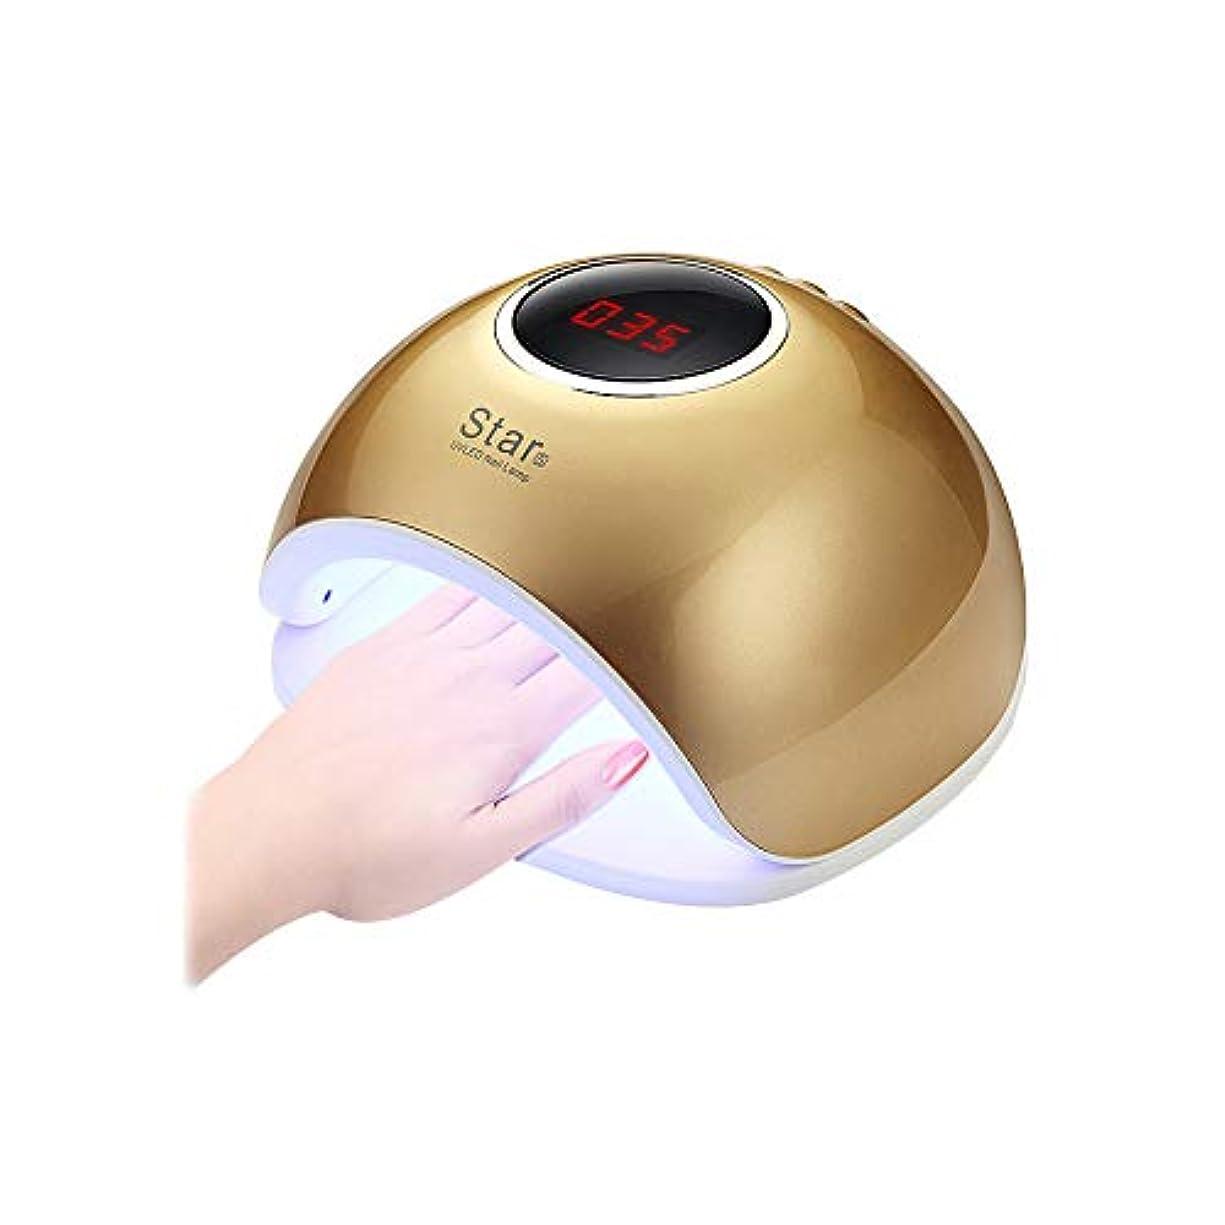 本気三の面ではホーム初心者ネイルスマート光療法機72ワットスマート誘導速乾性光線療法ランプネイルランプネイル硬化ランプネイルツールキット